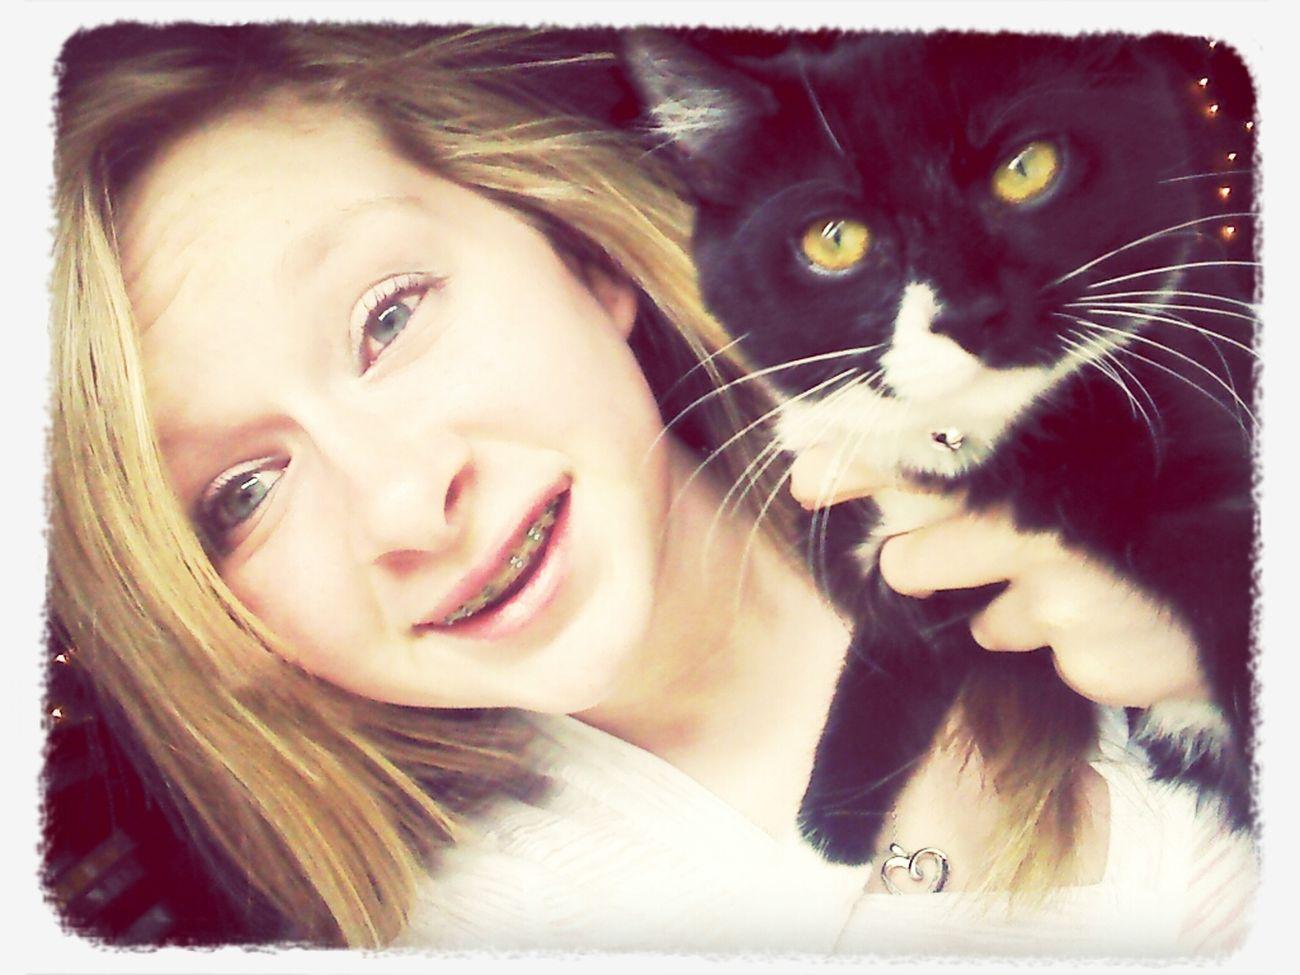 I love this cat ♥